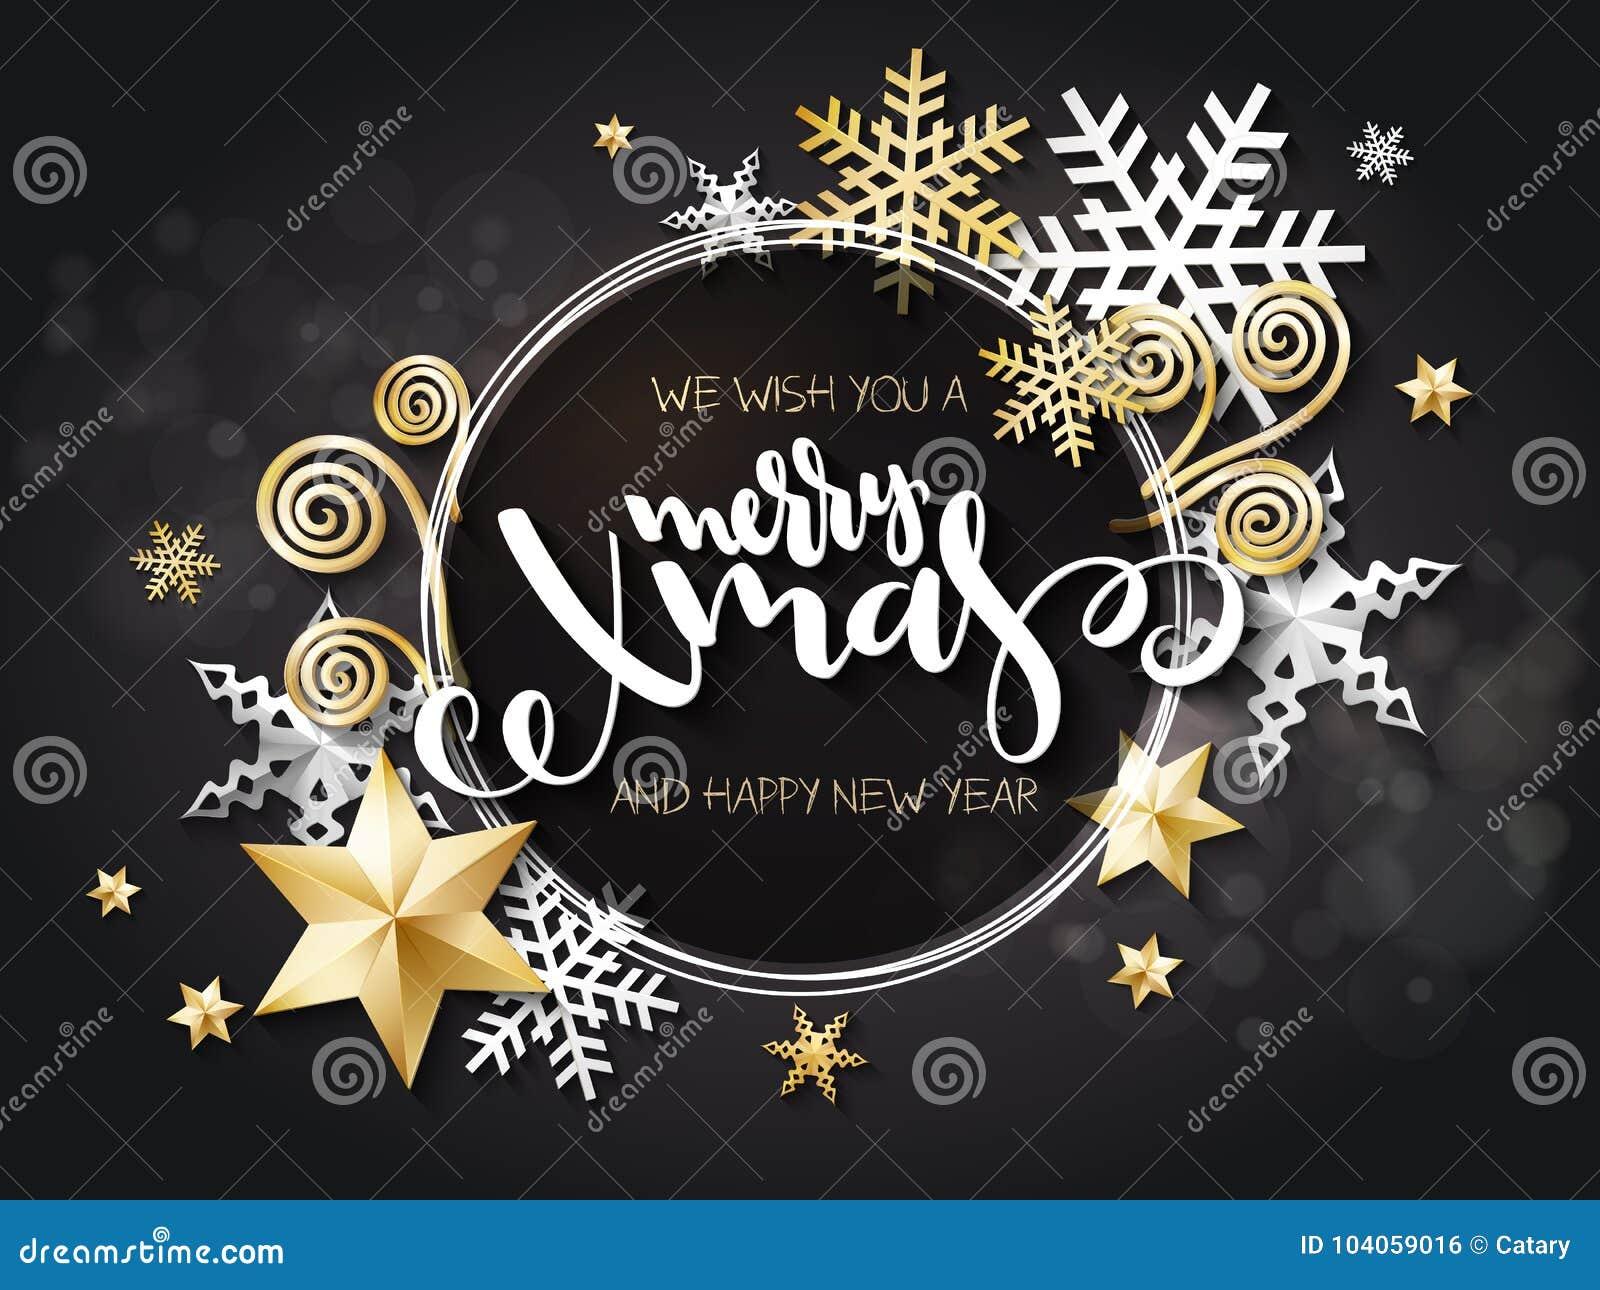 Ilustração do vetor do cartão do Natal com etiqueta da rotulação da mão - xmas alegre - com estrelas, sparkles, flocos de neve